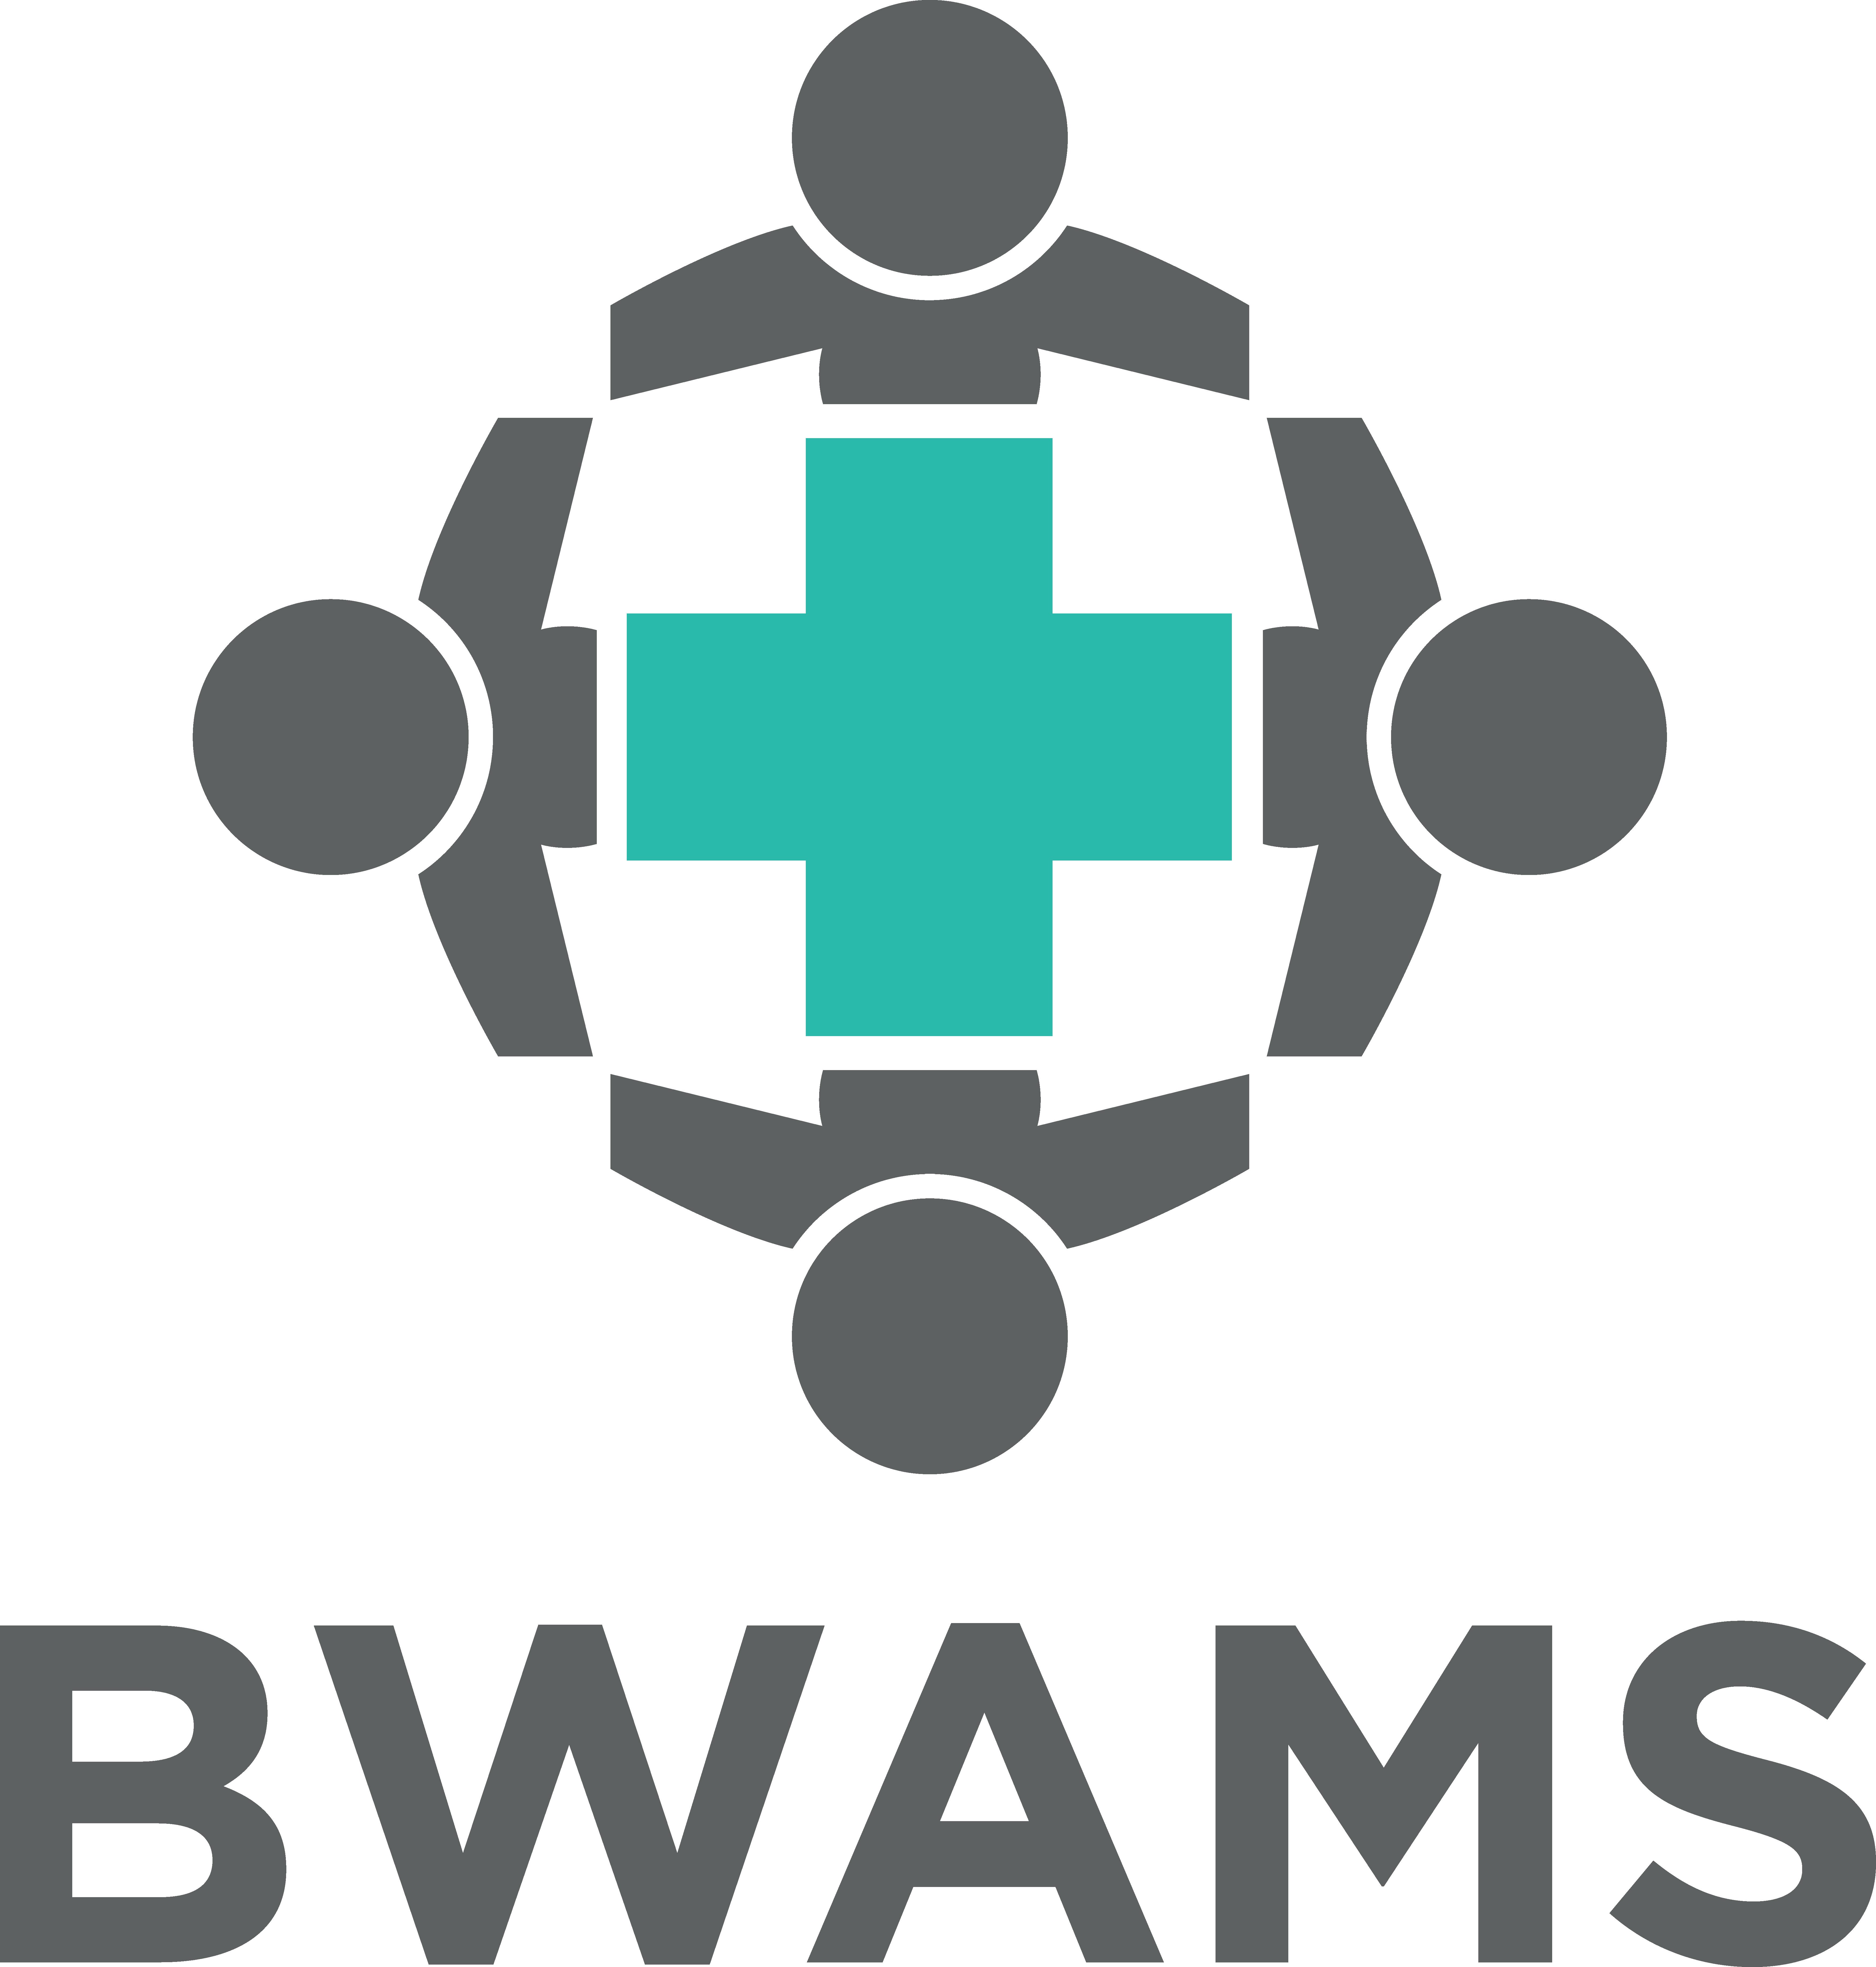 BWAMS logo